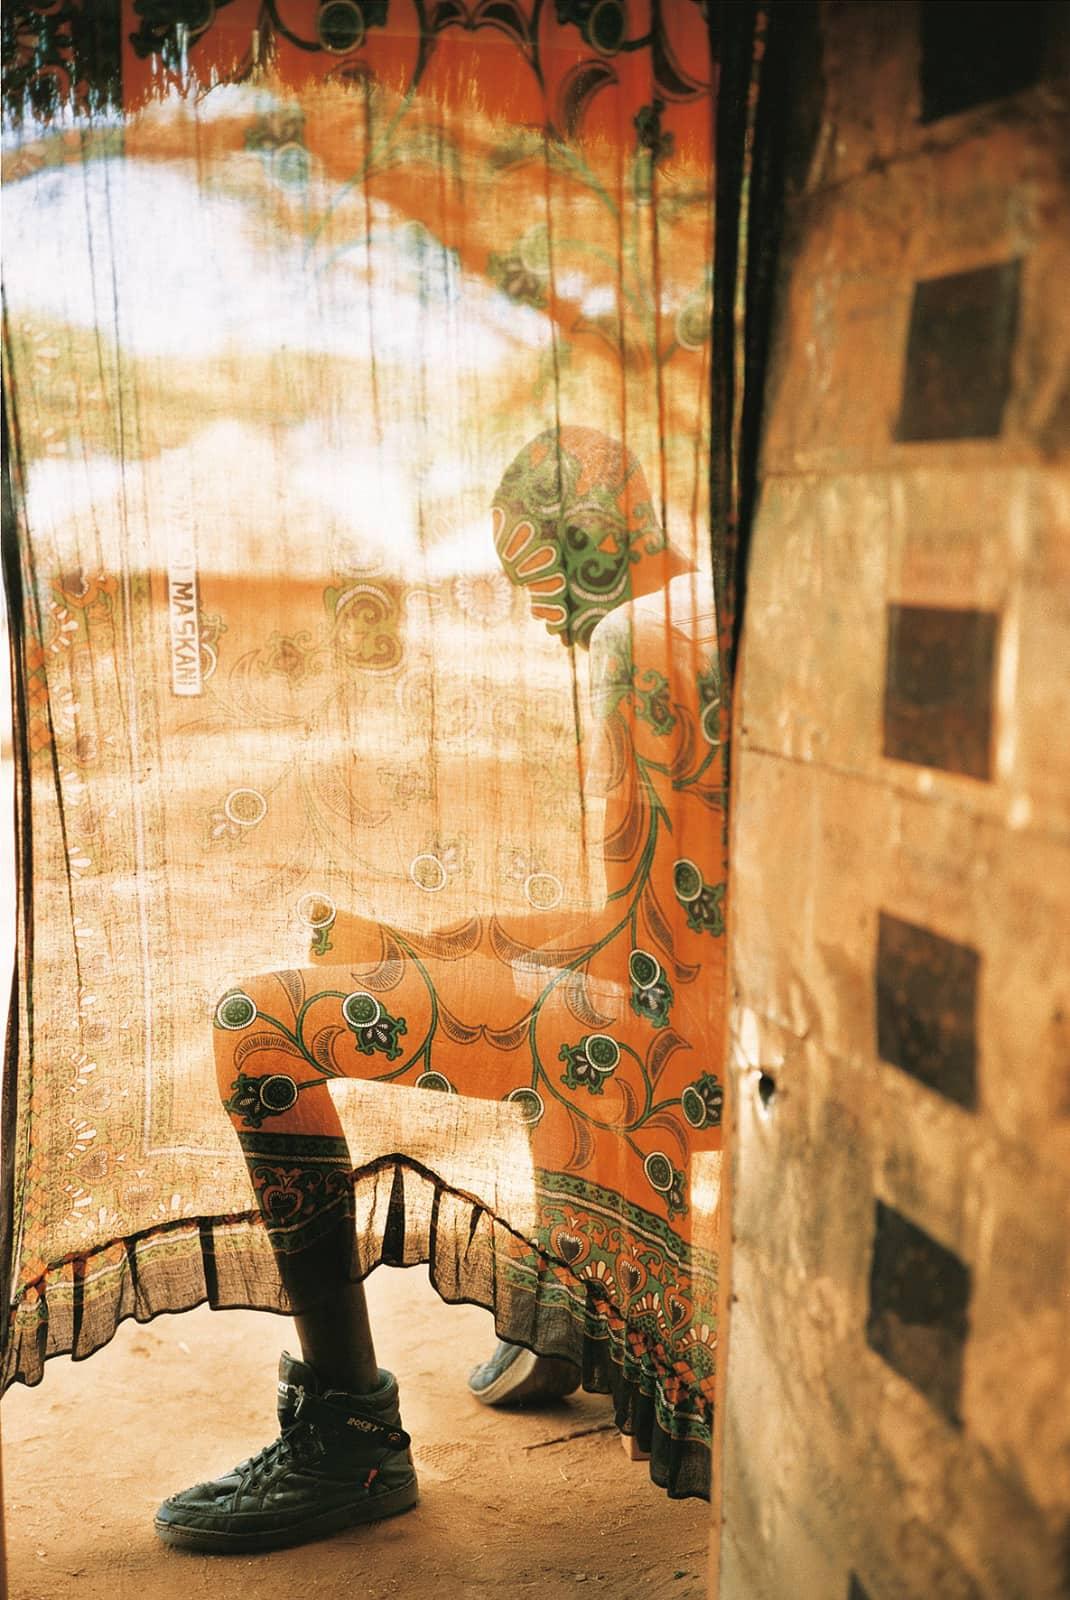 foto: © Robert Lyons, uit de serie Another Africa festival, De Hof van Eden